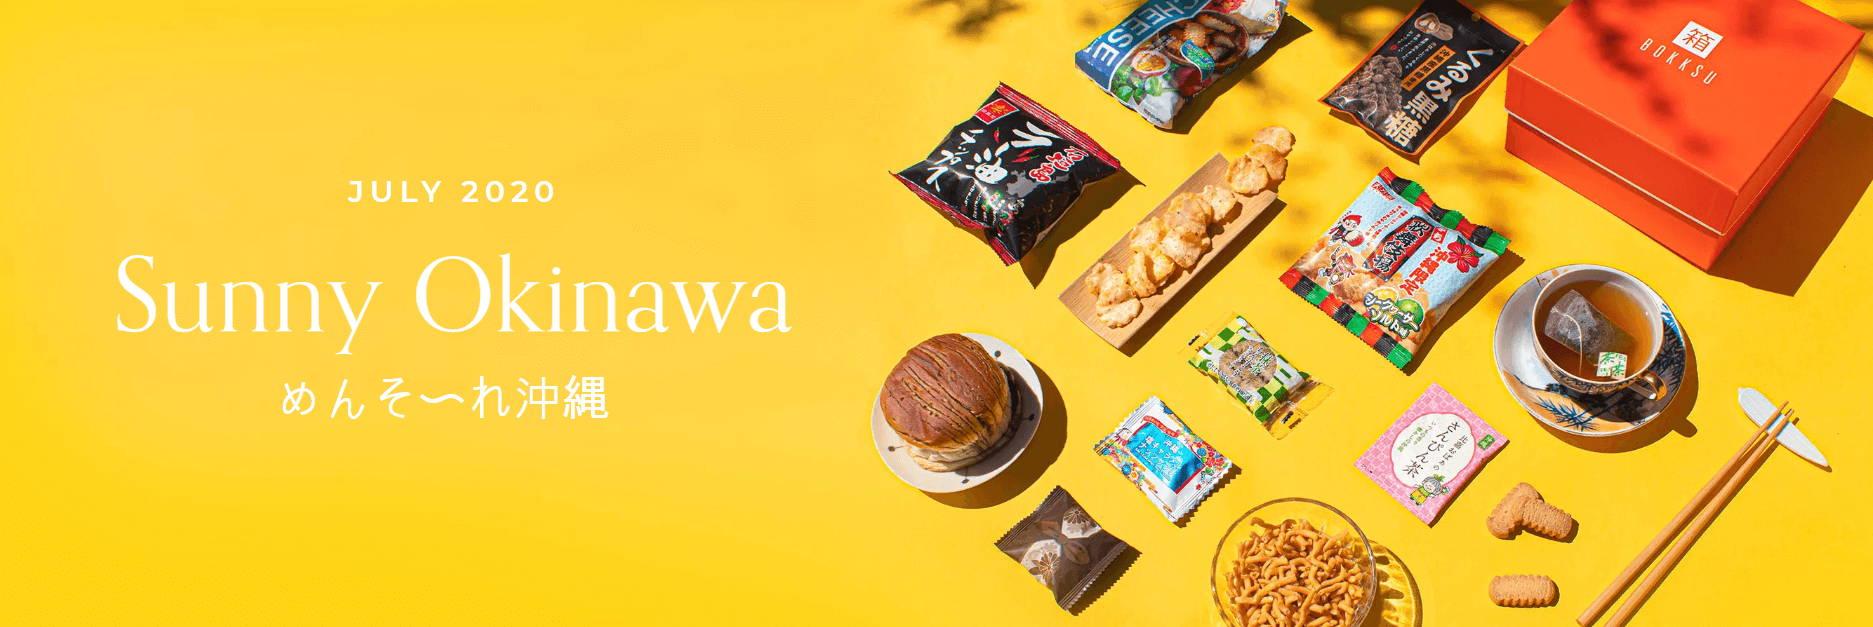 Sunny Okinawa July 2020